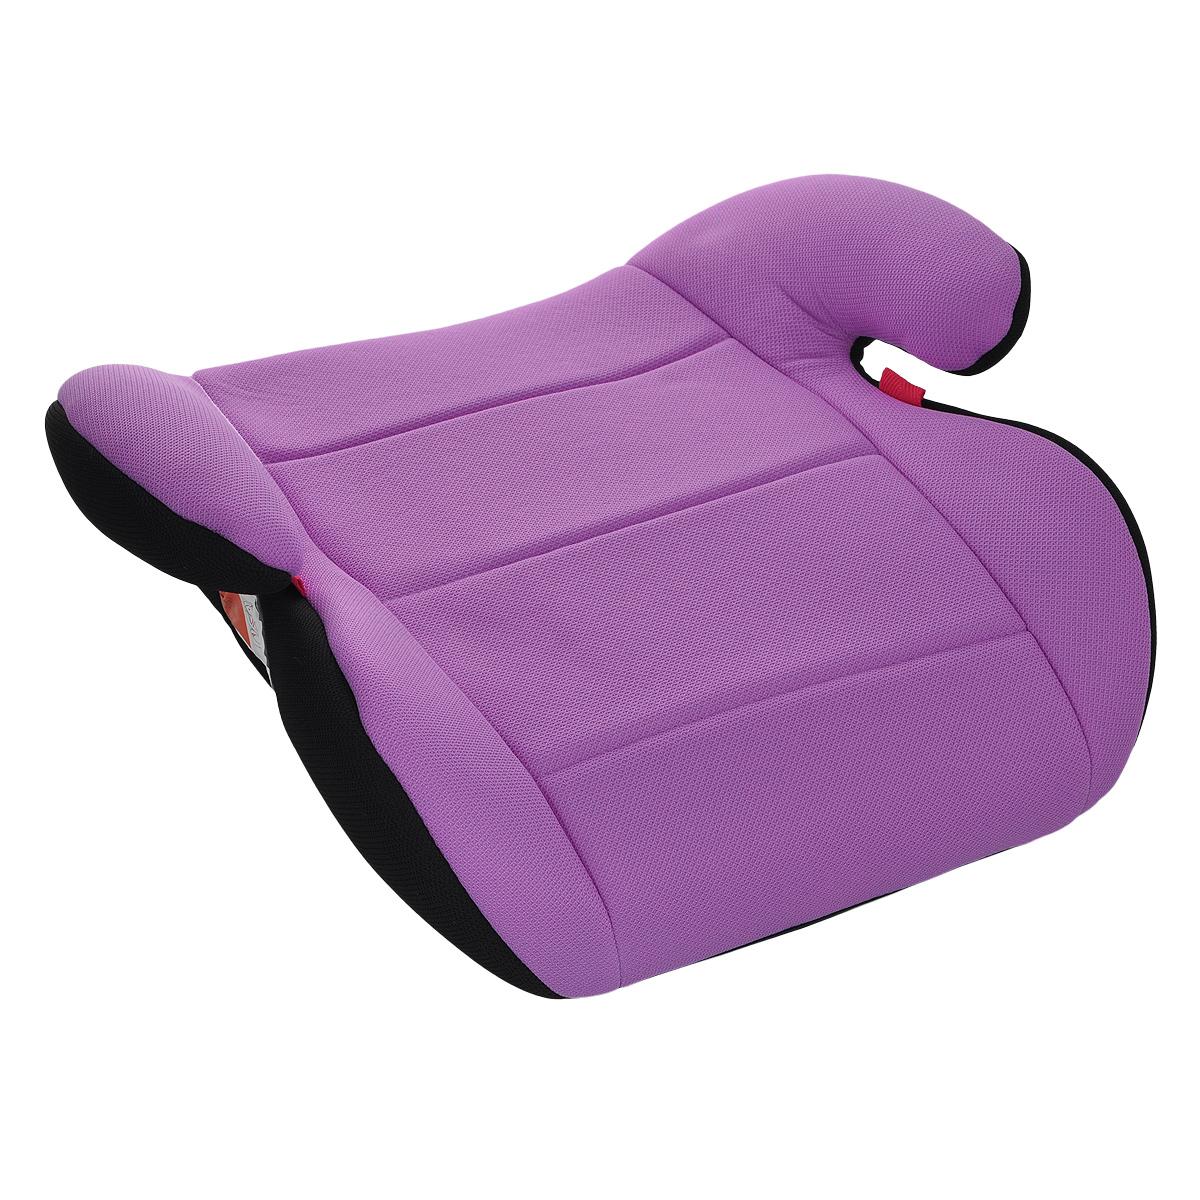 Автокресло-бустер, цвет: черный, фиолетовый. YB804A-02